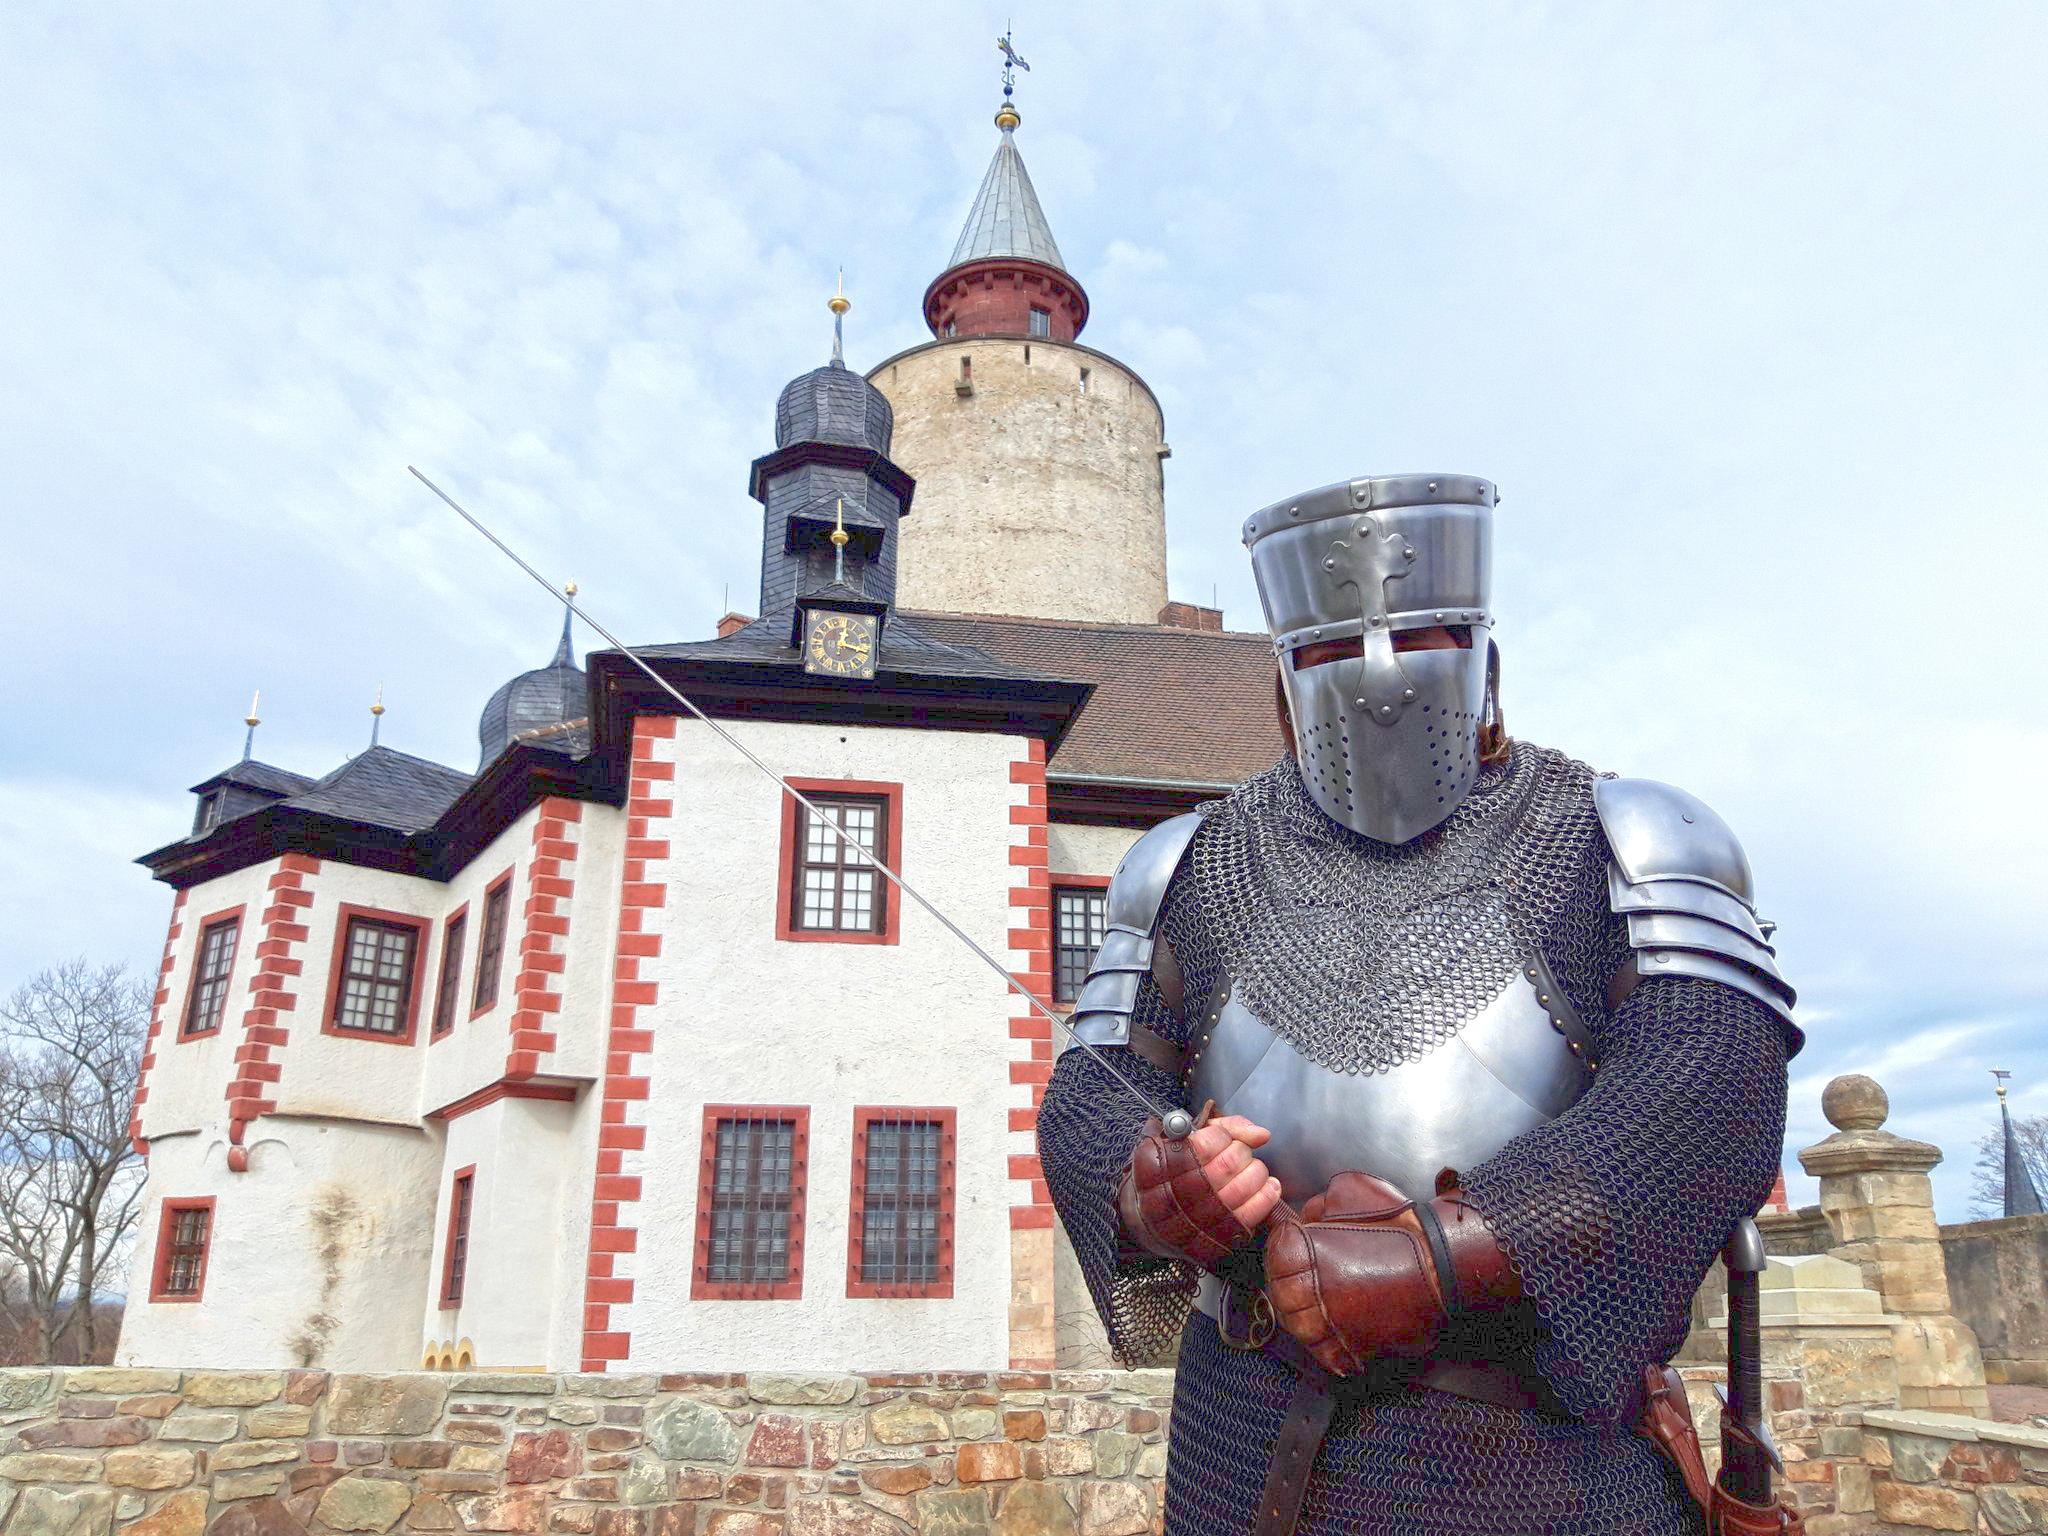 Sommerferien-Programm: Mit welchen Waffen kämpften Ritter?